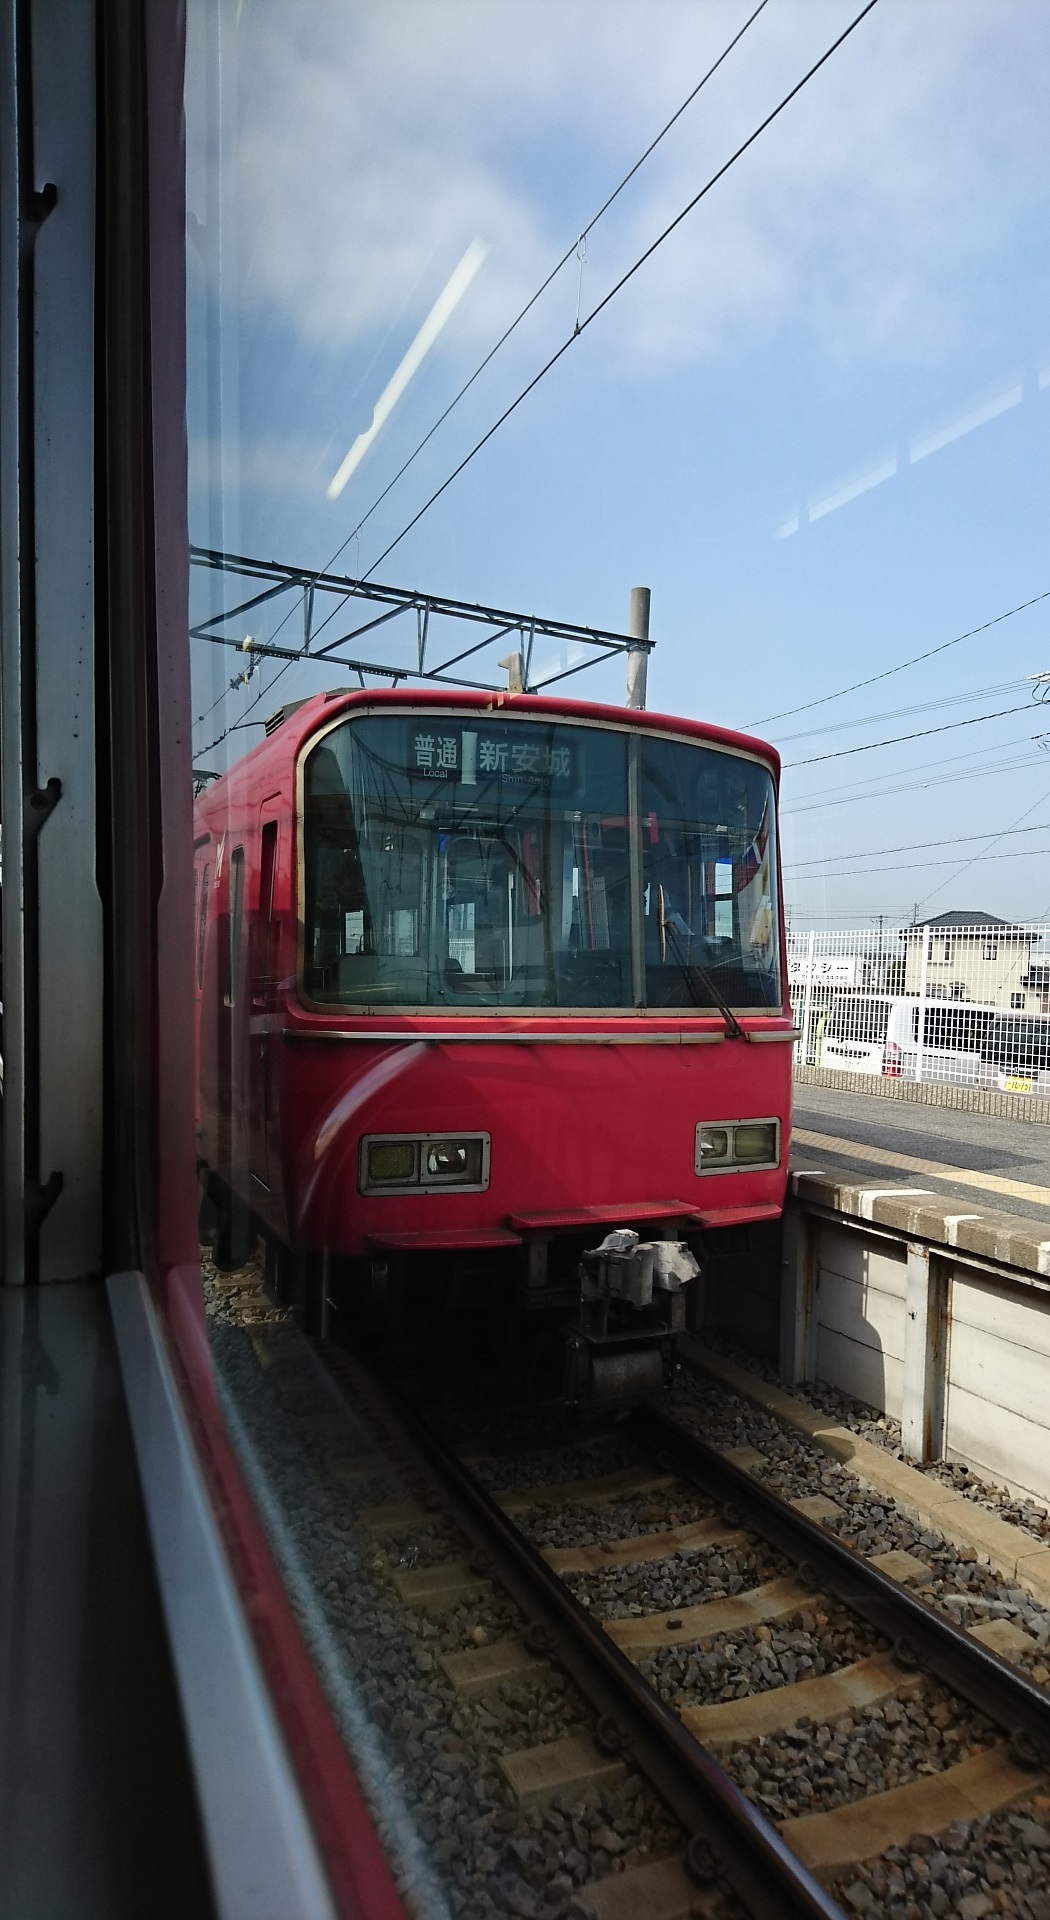 2018.4.4 西尾 (6) 西尾いきふつう - 米津 1050-1920